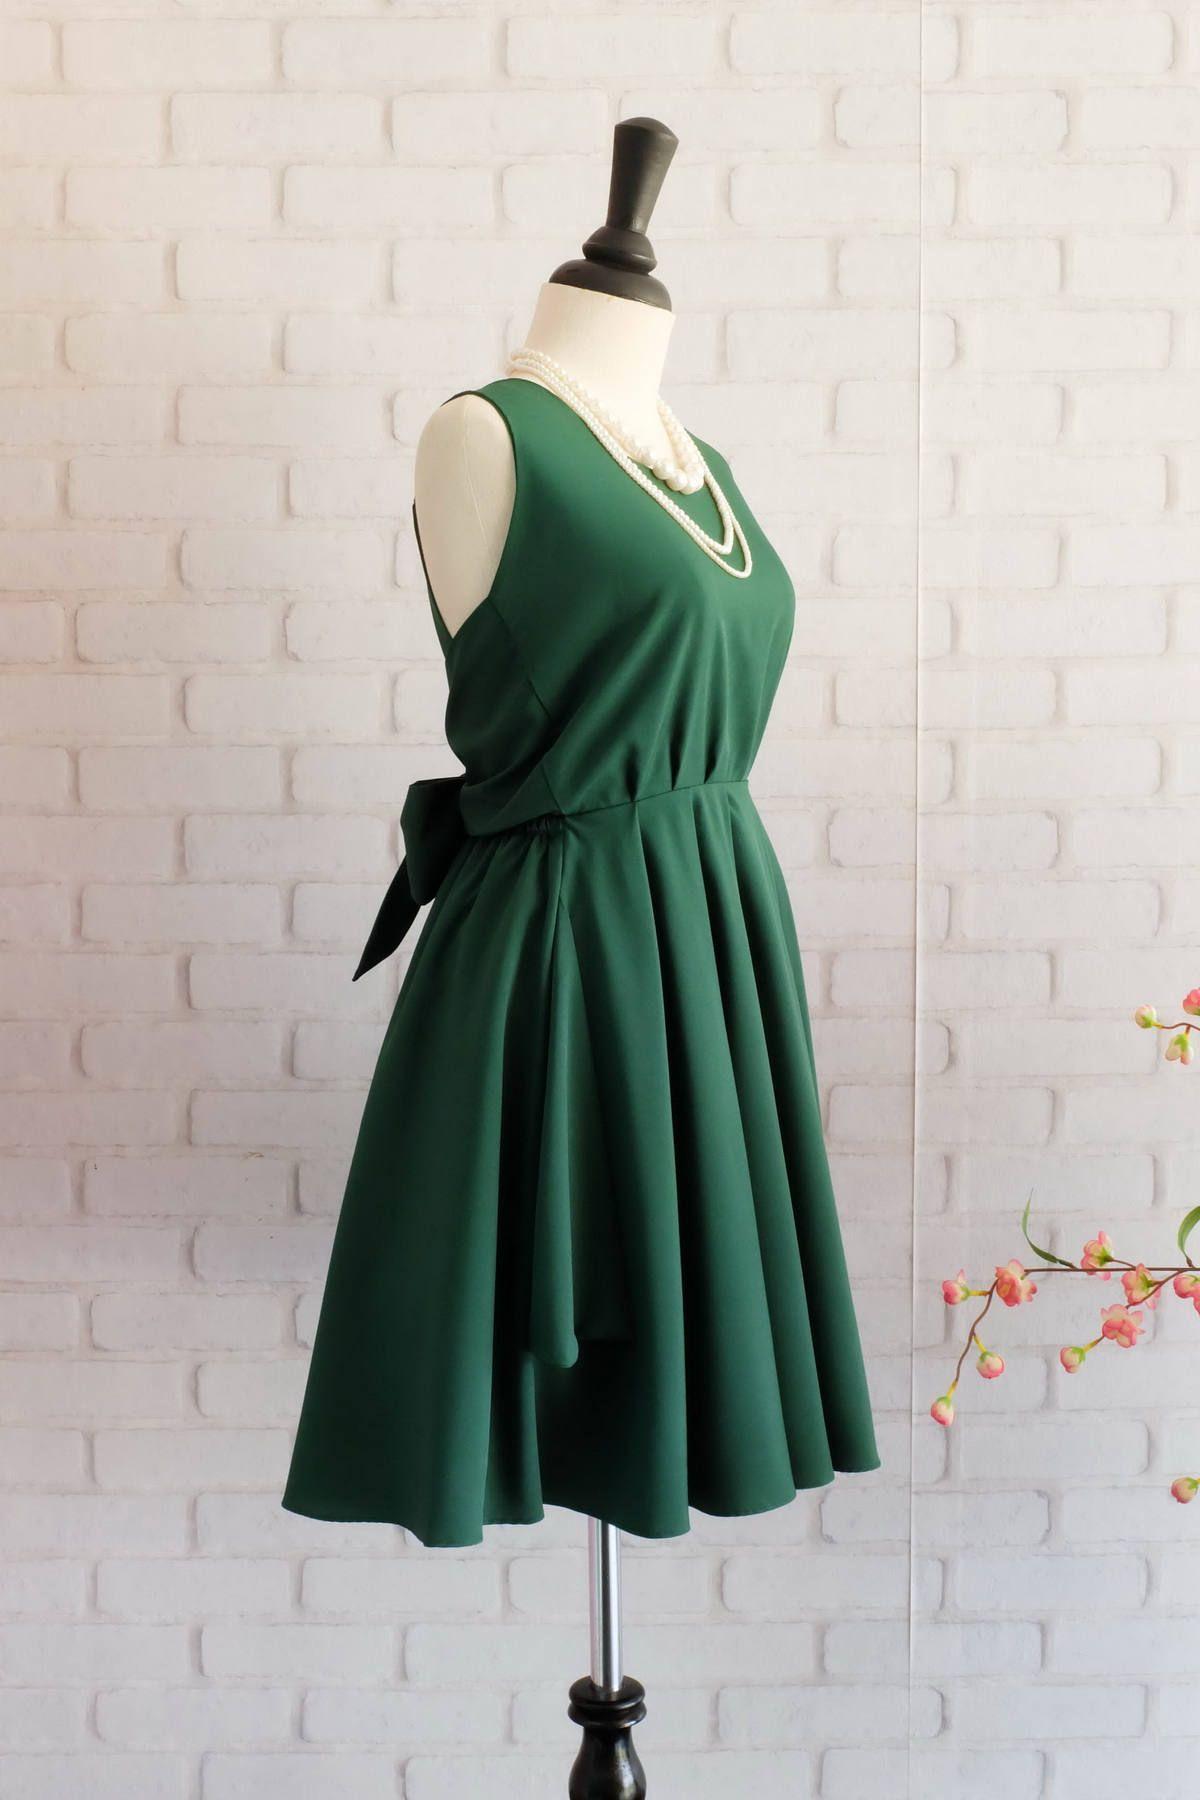 10 Großartig Kleid Abend Hochzeit Bester PreisFormal Fantastisch Kleid Abend Hochzeit Vertrieb